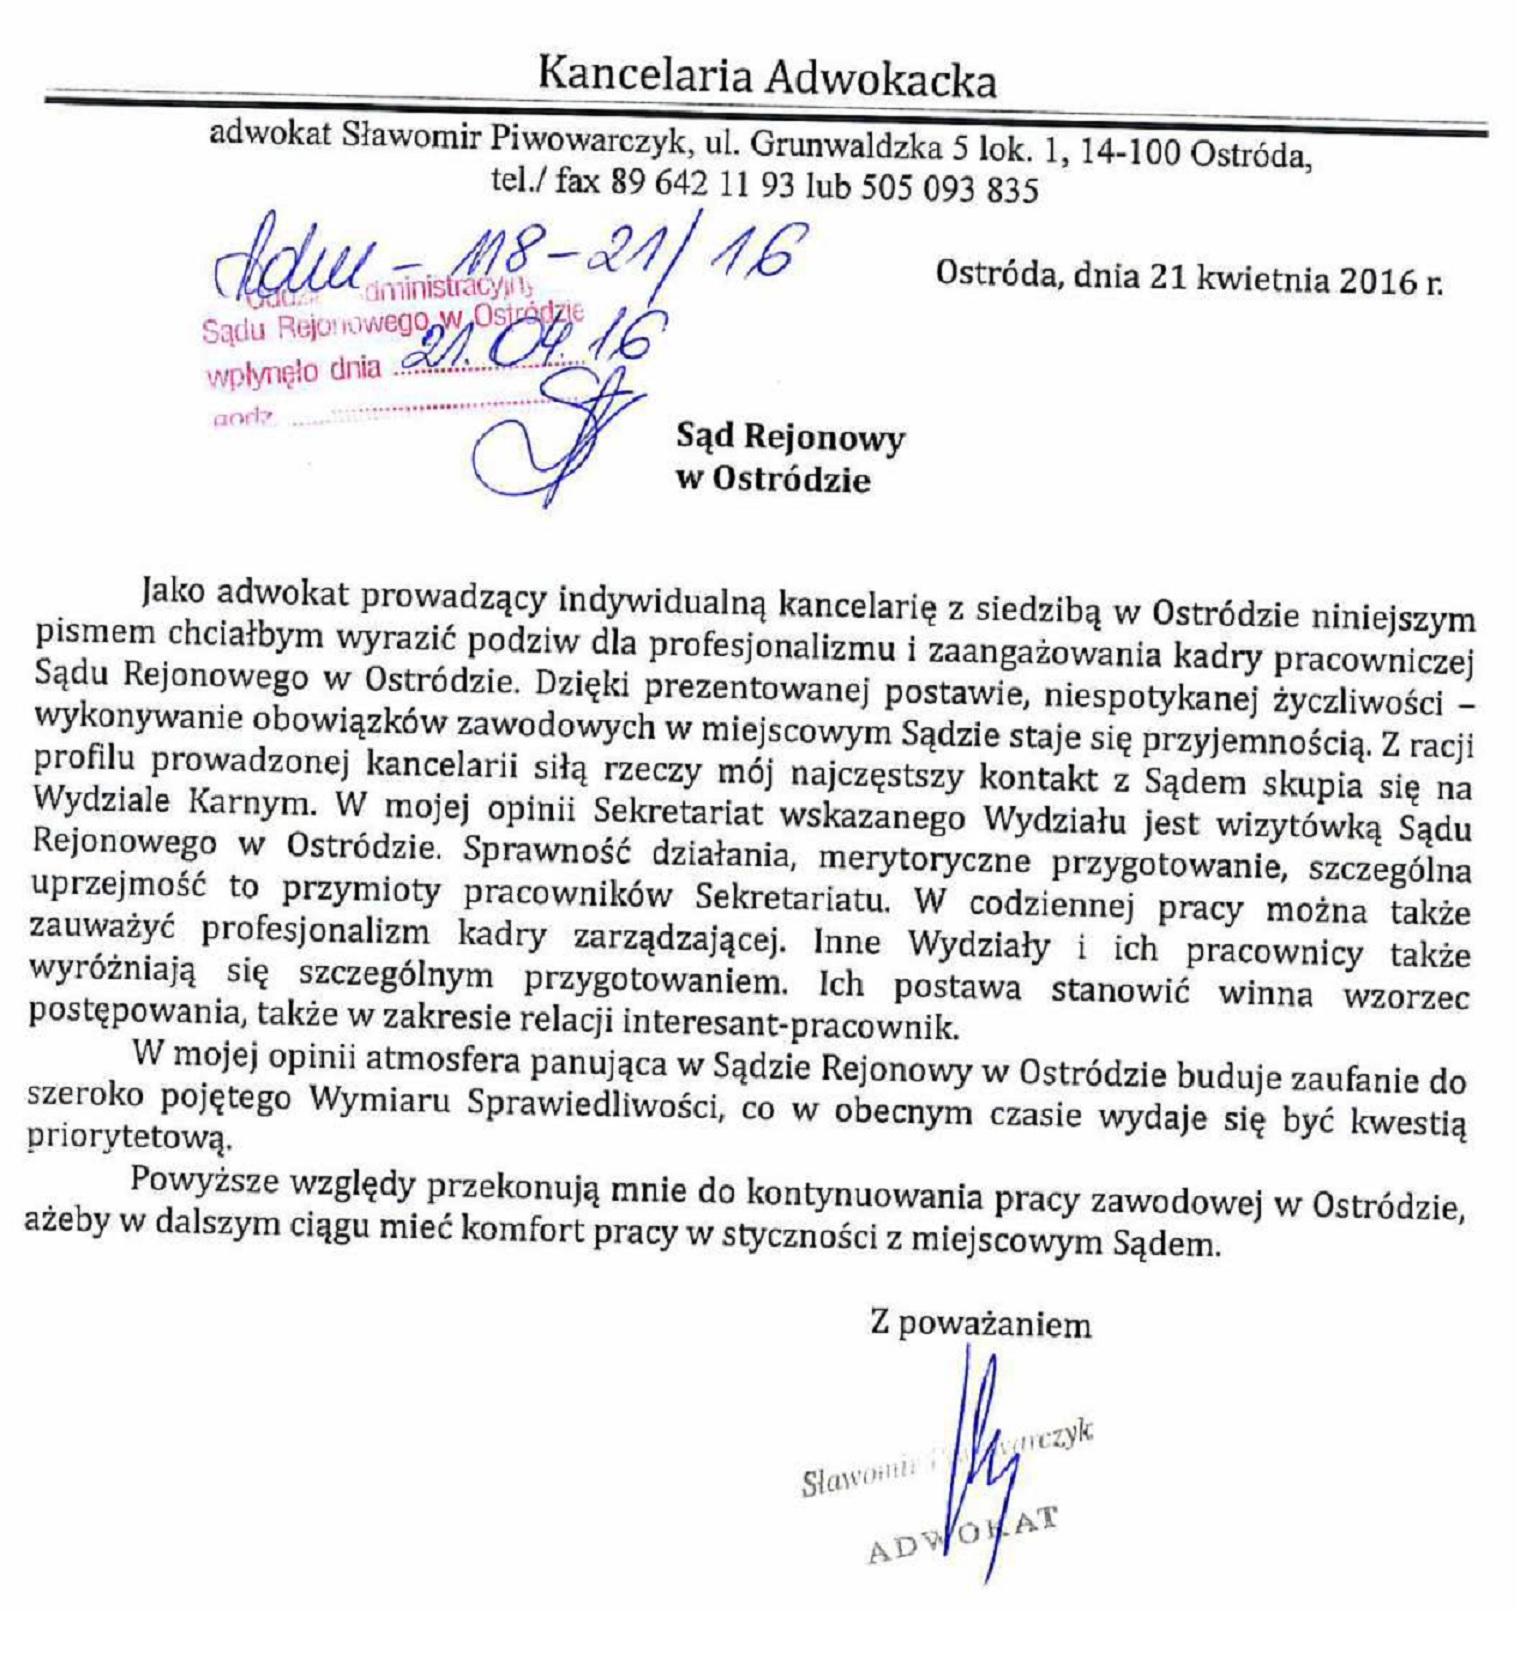 Podziękowania Kancelaria Adwokacka Adw. Sławomi Piwowarczyk